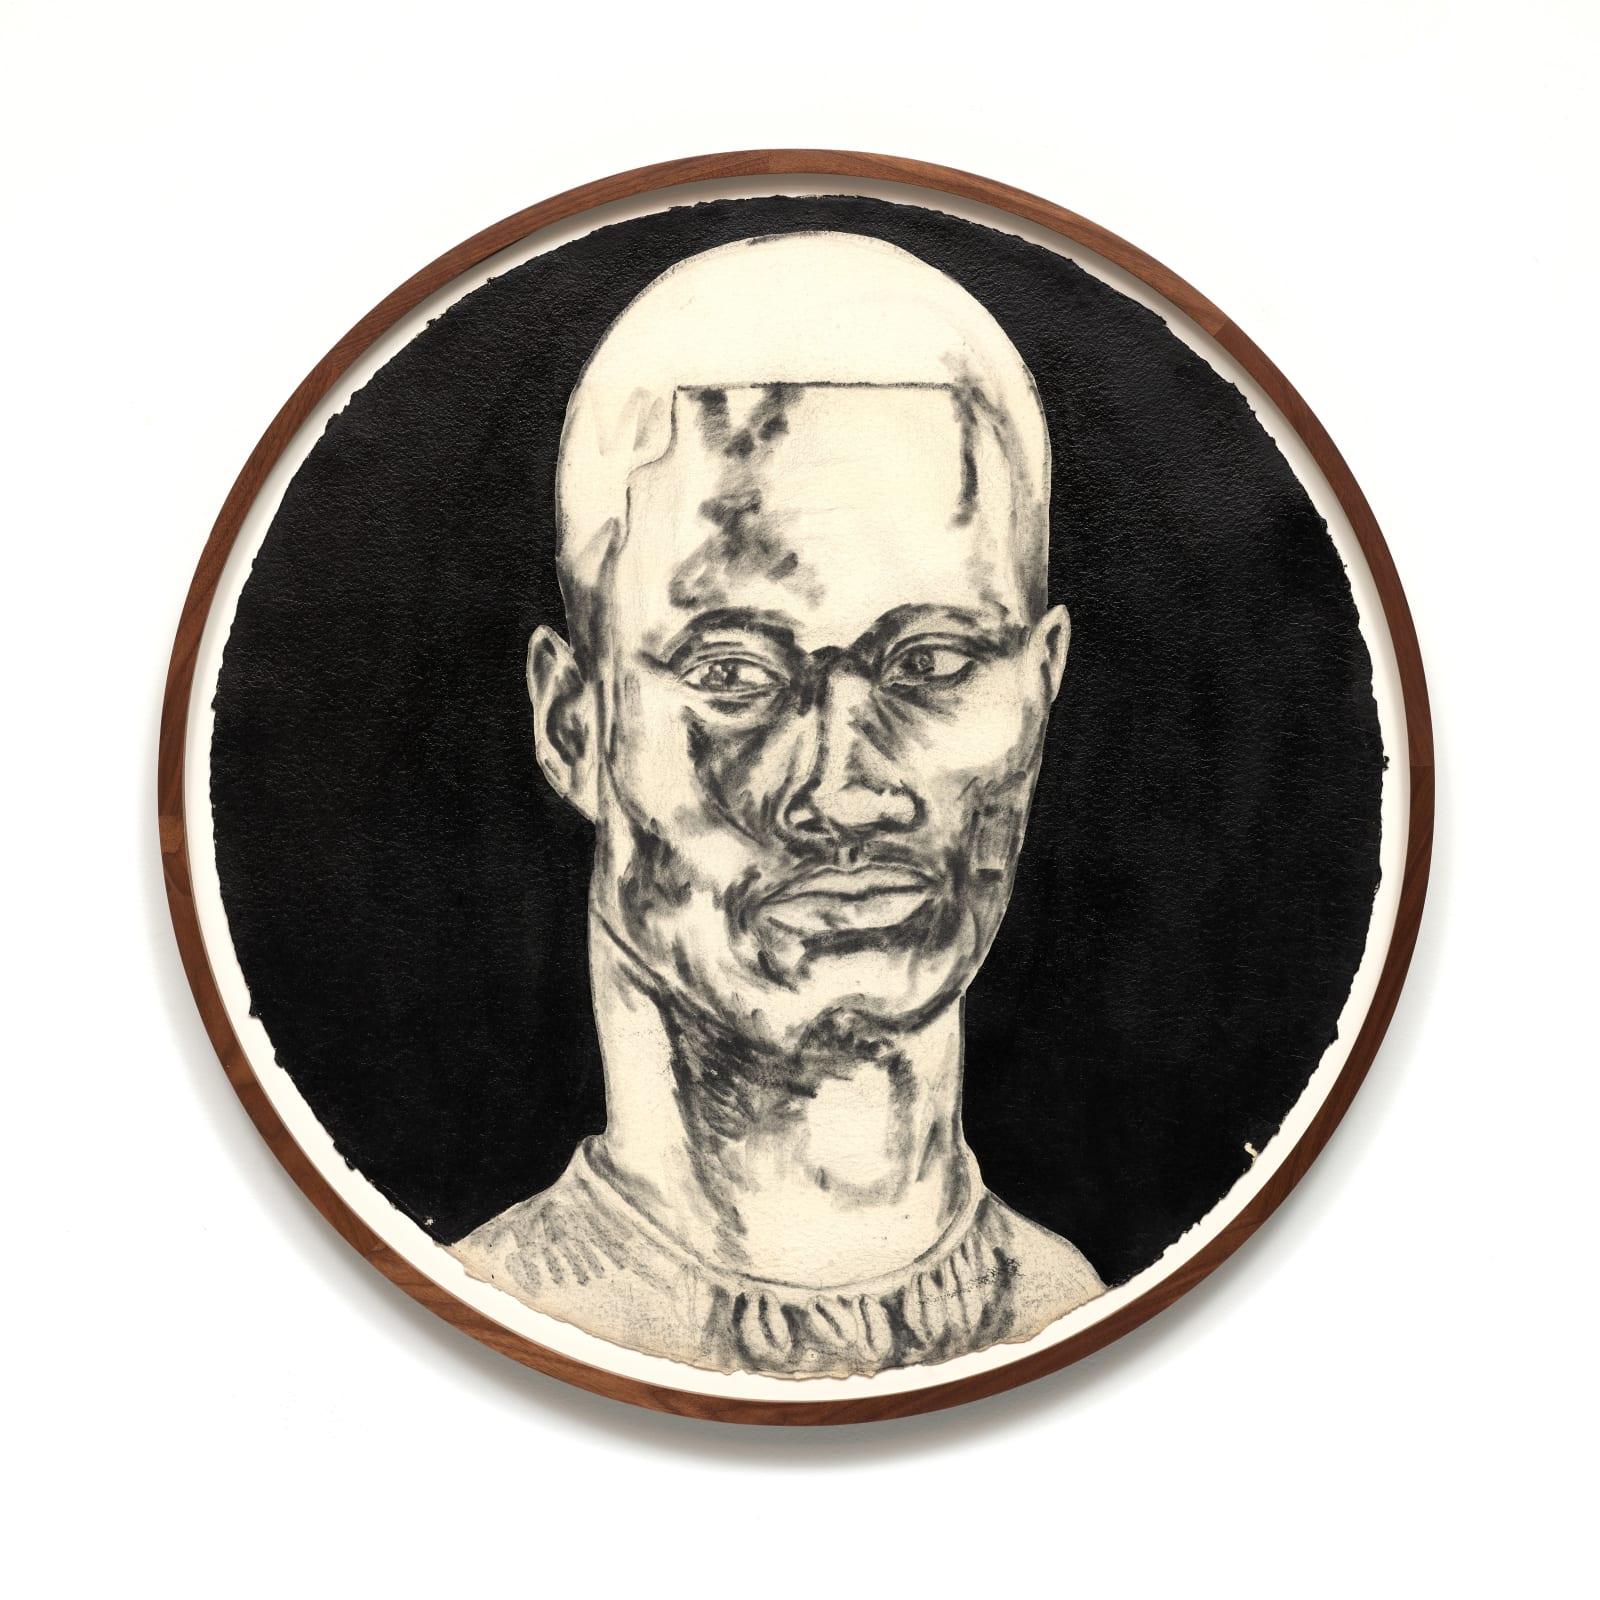 Serge Attukwei Clottey, Money around my neck , 2020